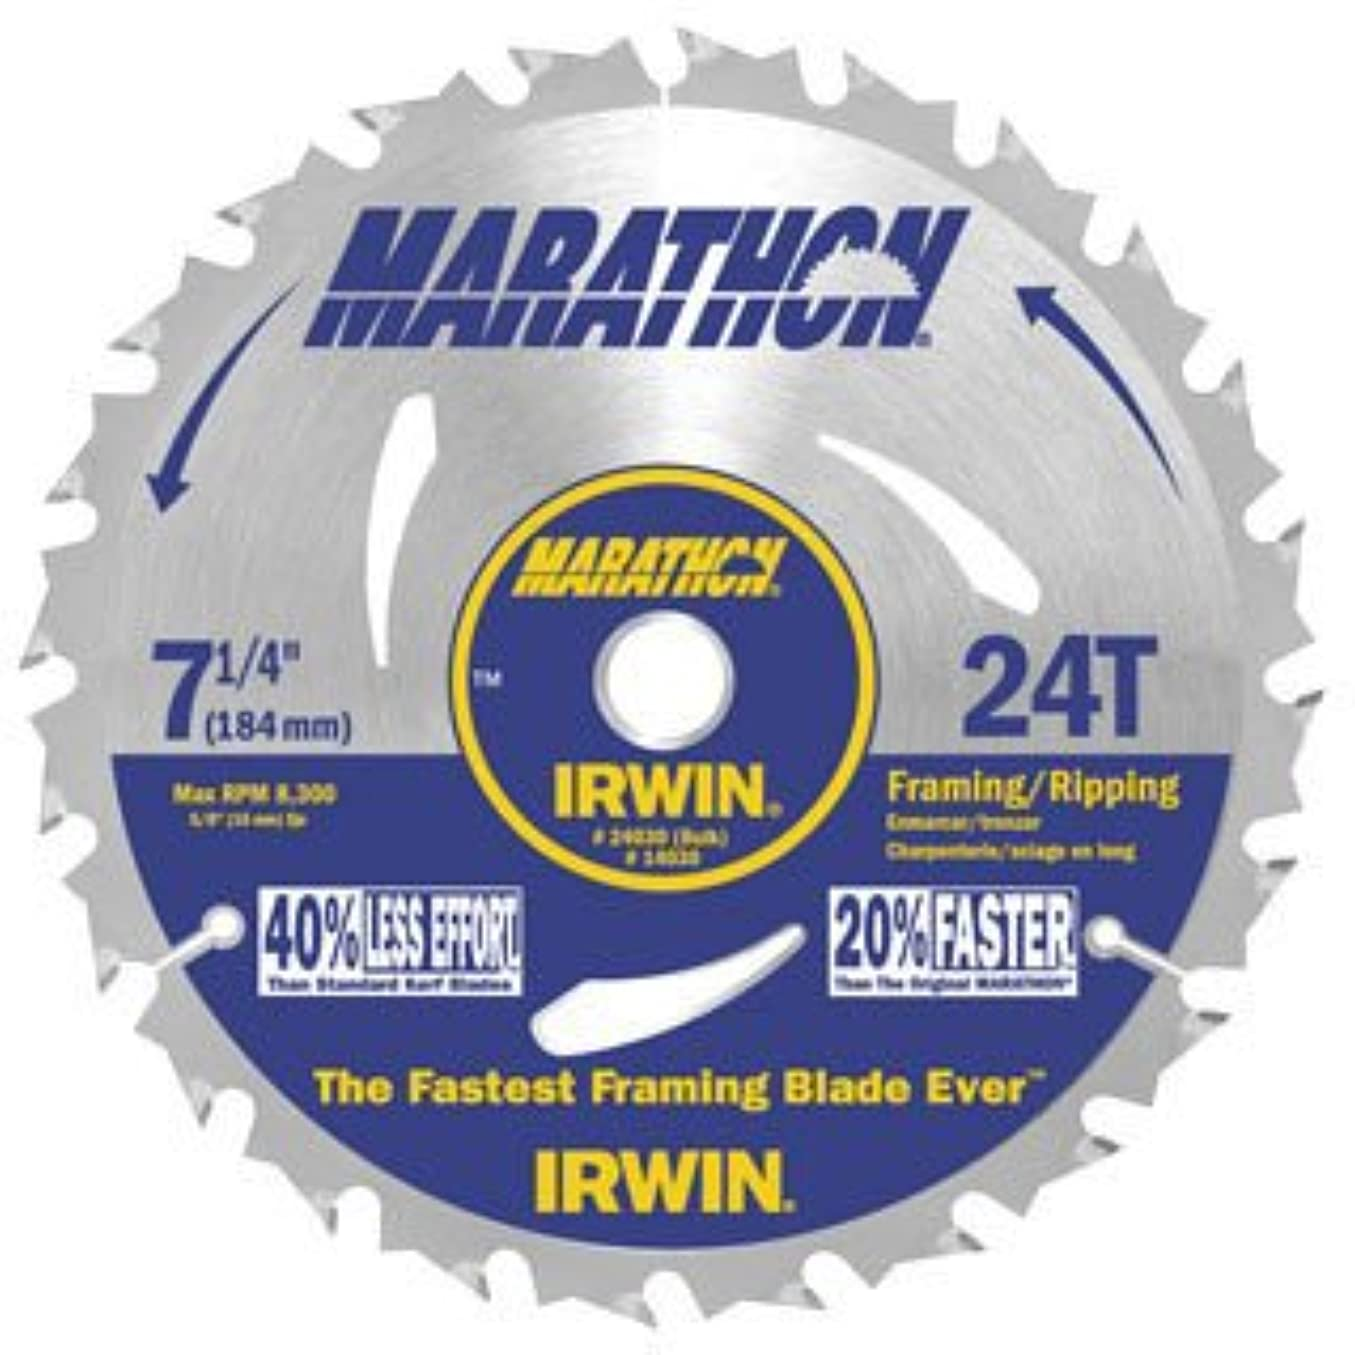 シネマコミュニティ仕方30枚パック アーウィン 24030 マラソン 18.42cm (7 1/4インチ) × 24本の歯 フレーミング及びリッピング 丸鋸刃 バルク (インポート)